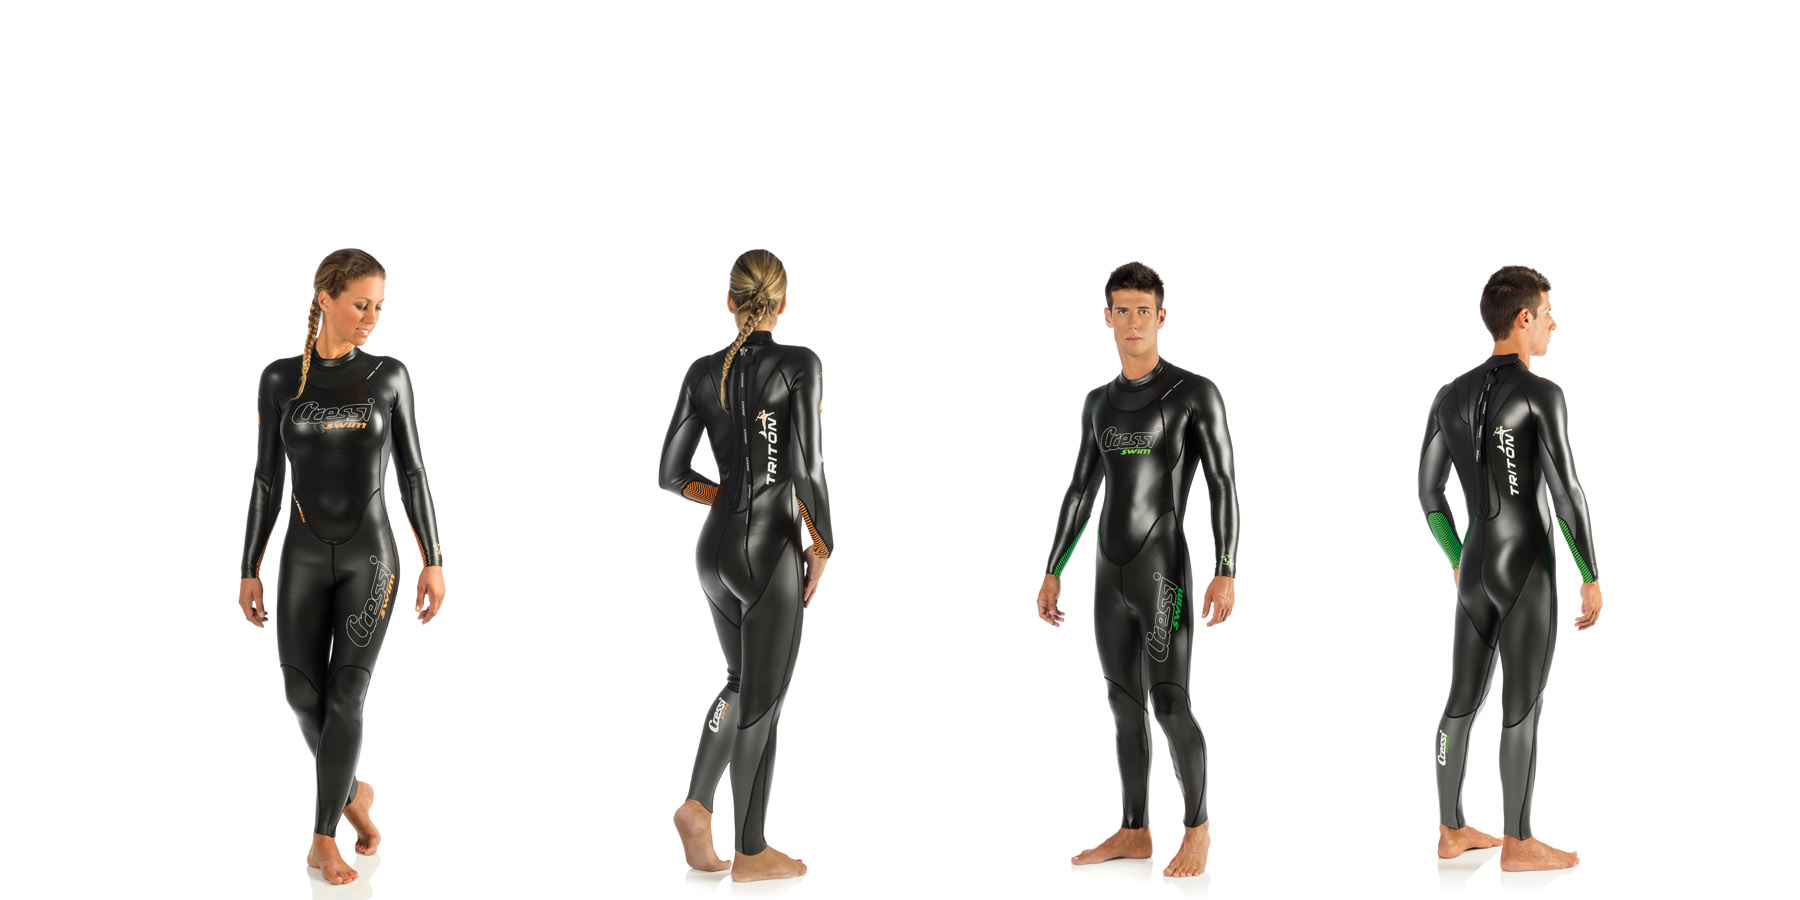 triton - Une combinaison très technique pour la nage et l'apnée